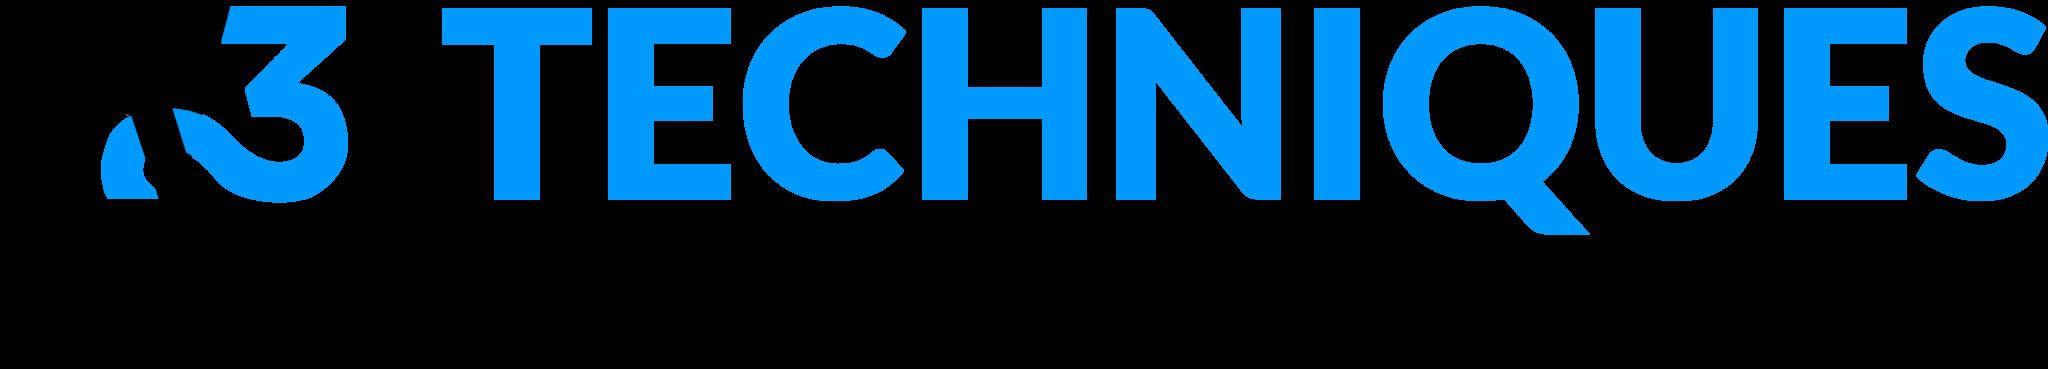 w3-logo-png-2048x369